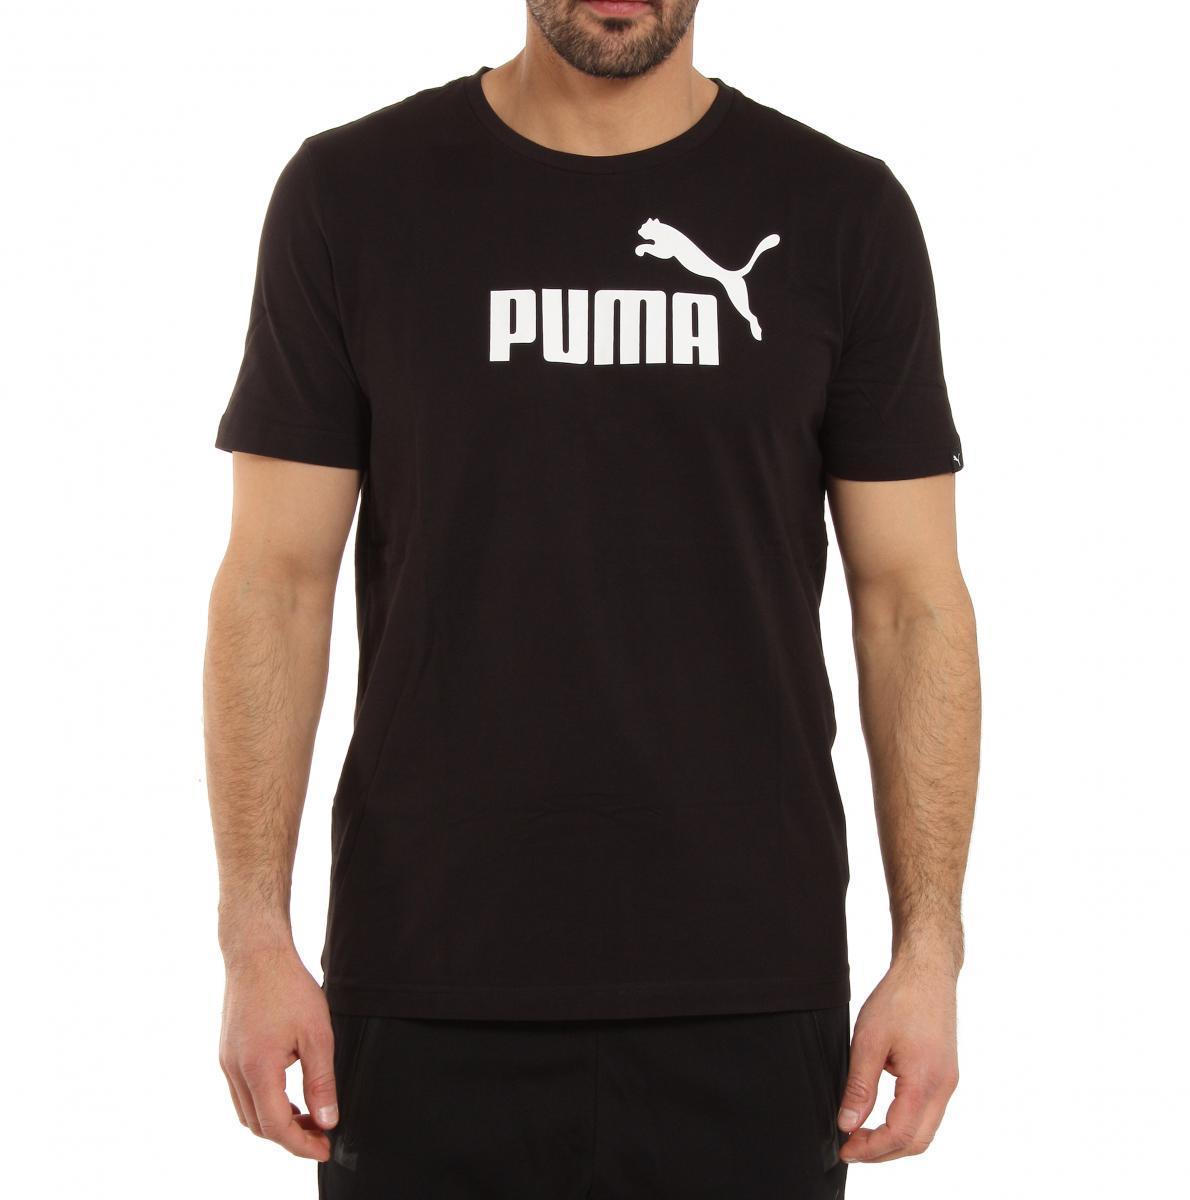 Футболка спортивная, мужская Puma No.1 Logo Tee 831854-01 пума